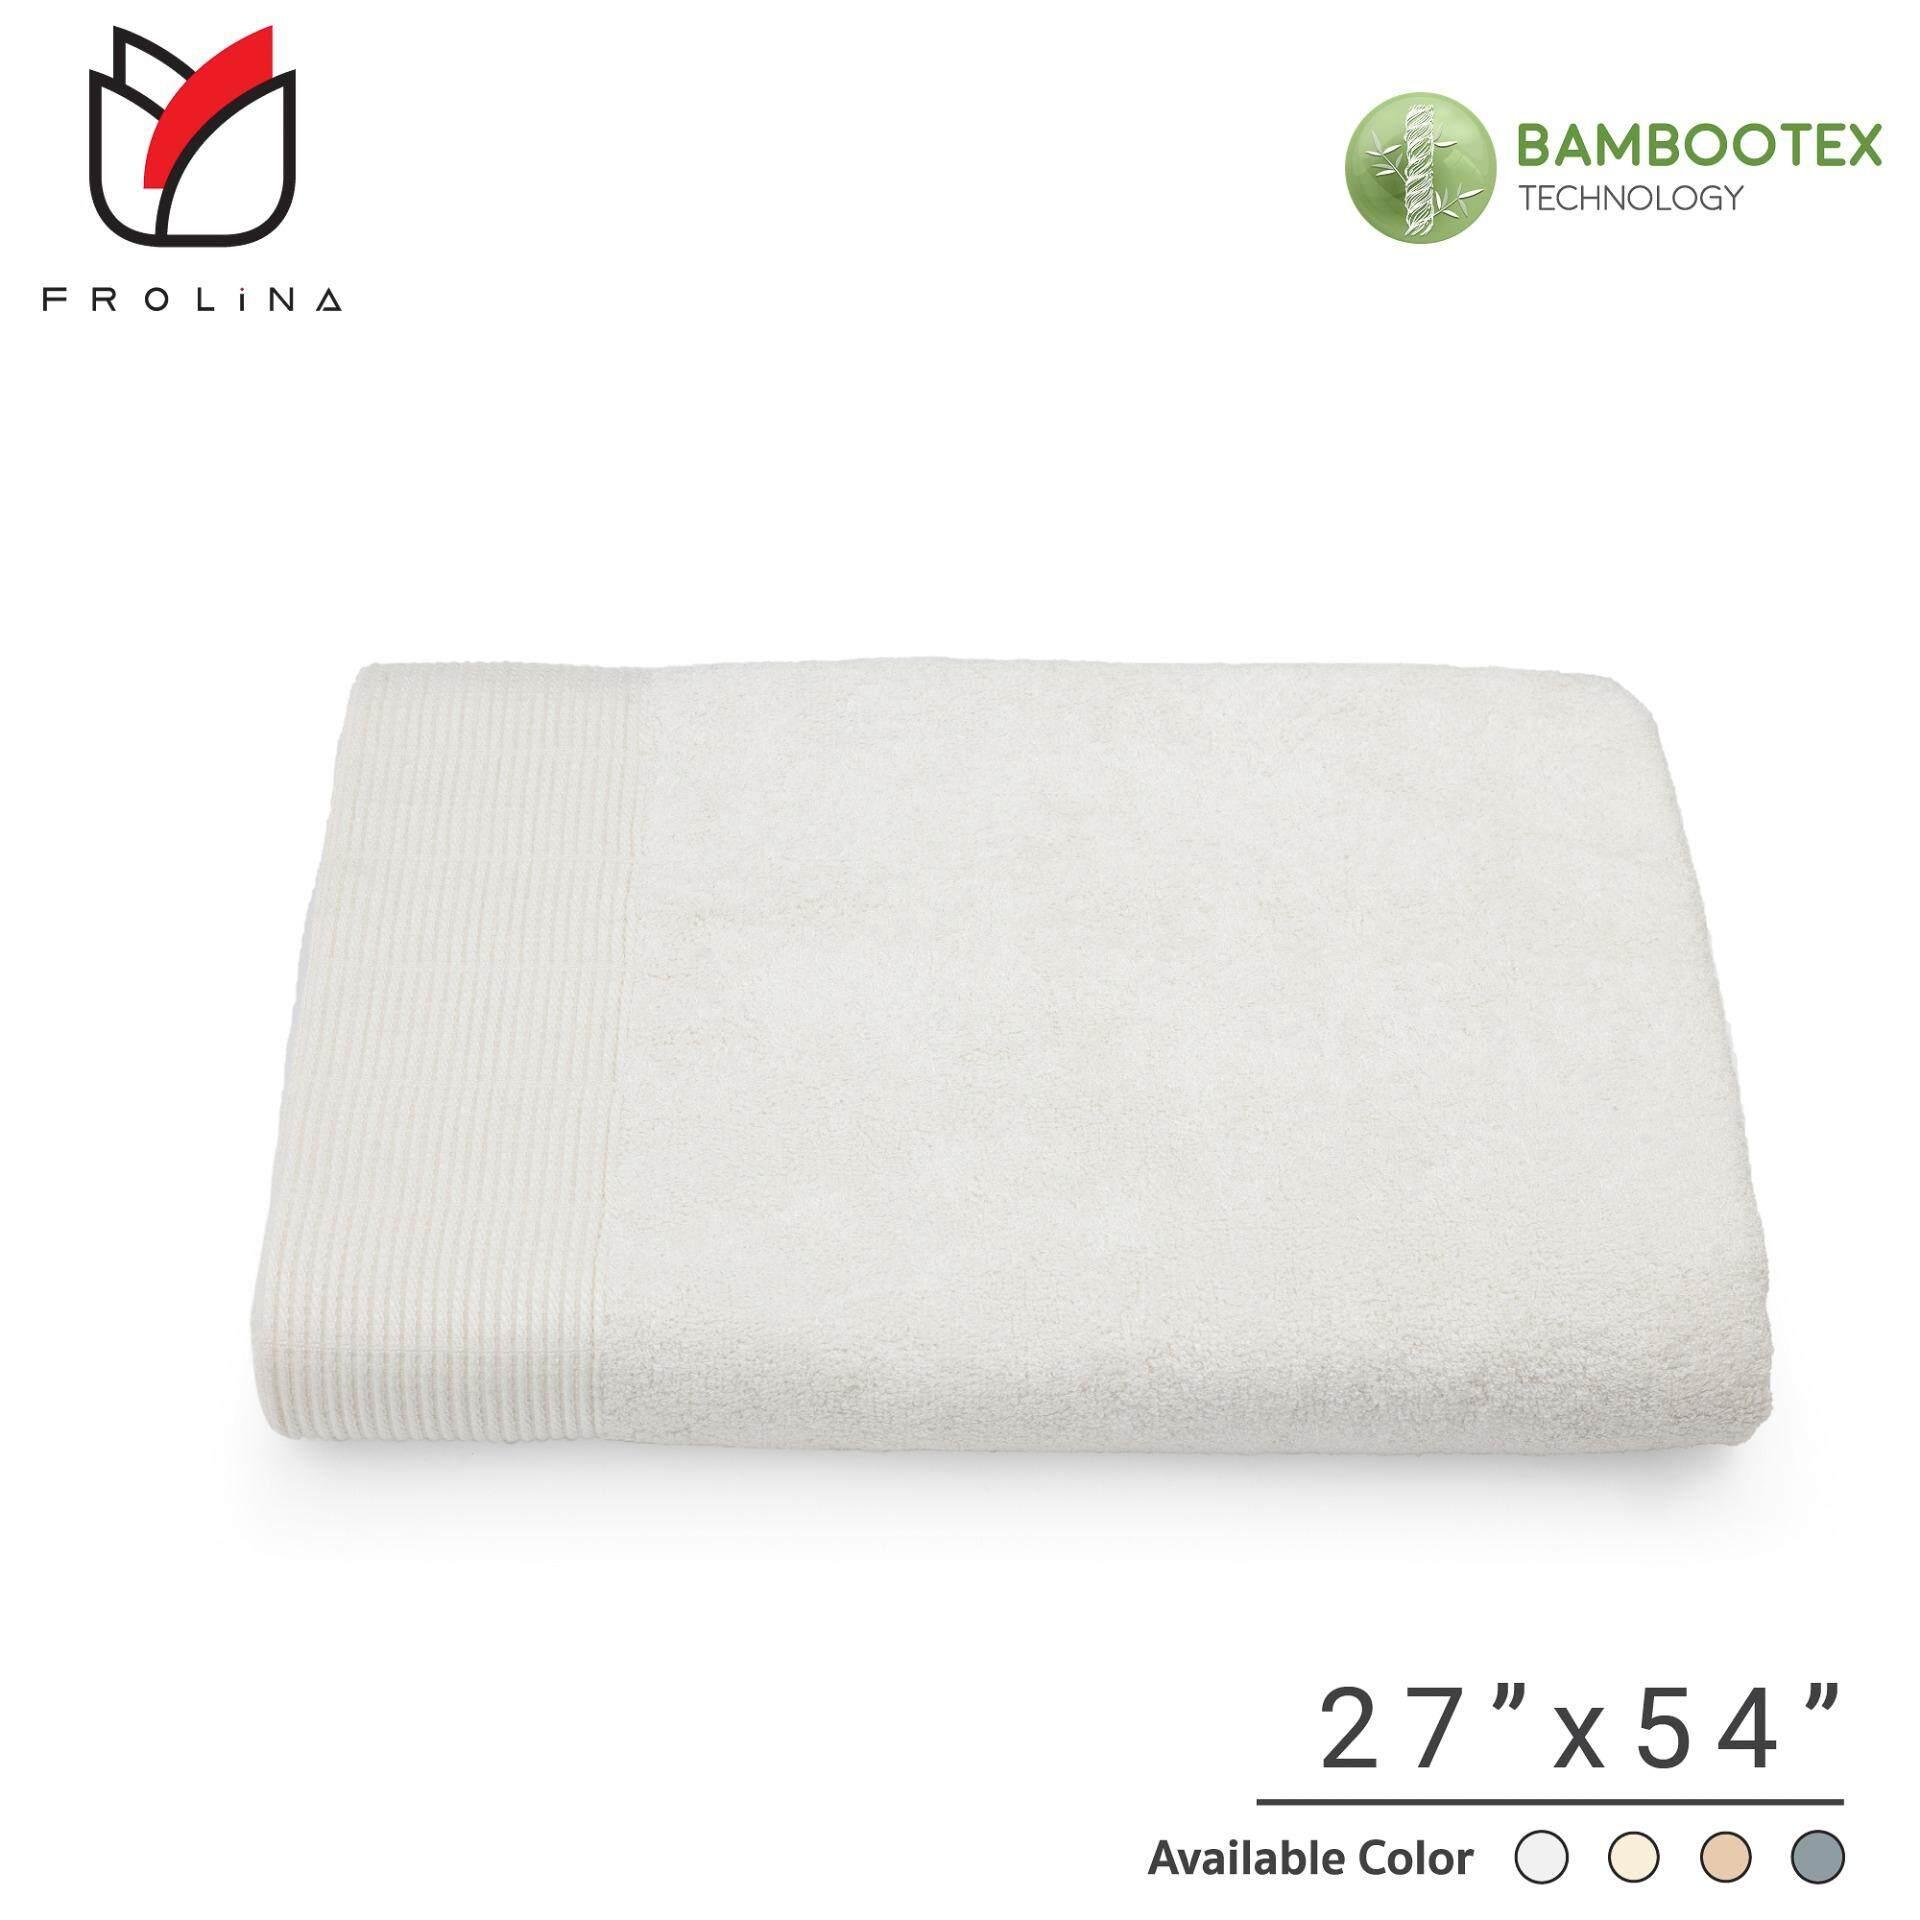 ราคา Frolina Bambootex Collection ผ้าขนหนู เช็ดตัว เส้นใยไผ่ ขนาด27X54 ถูก